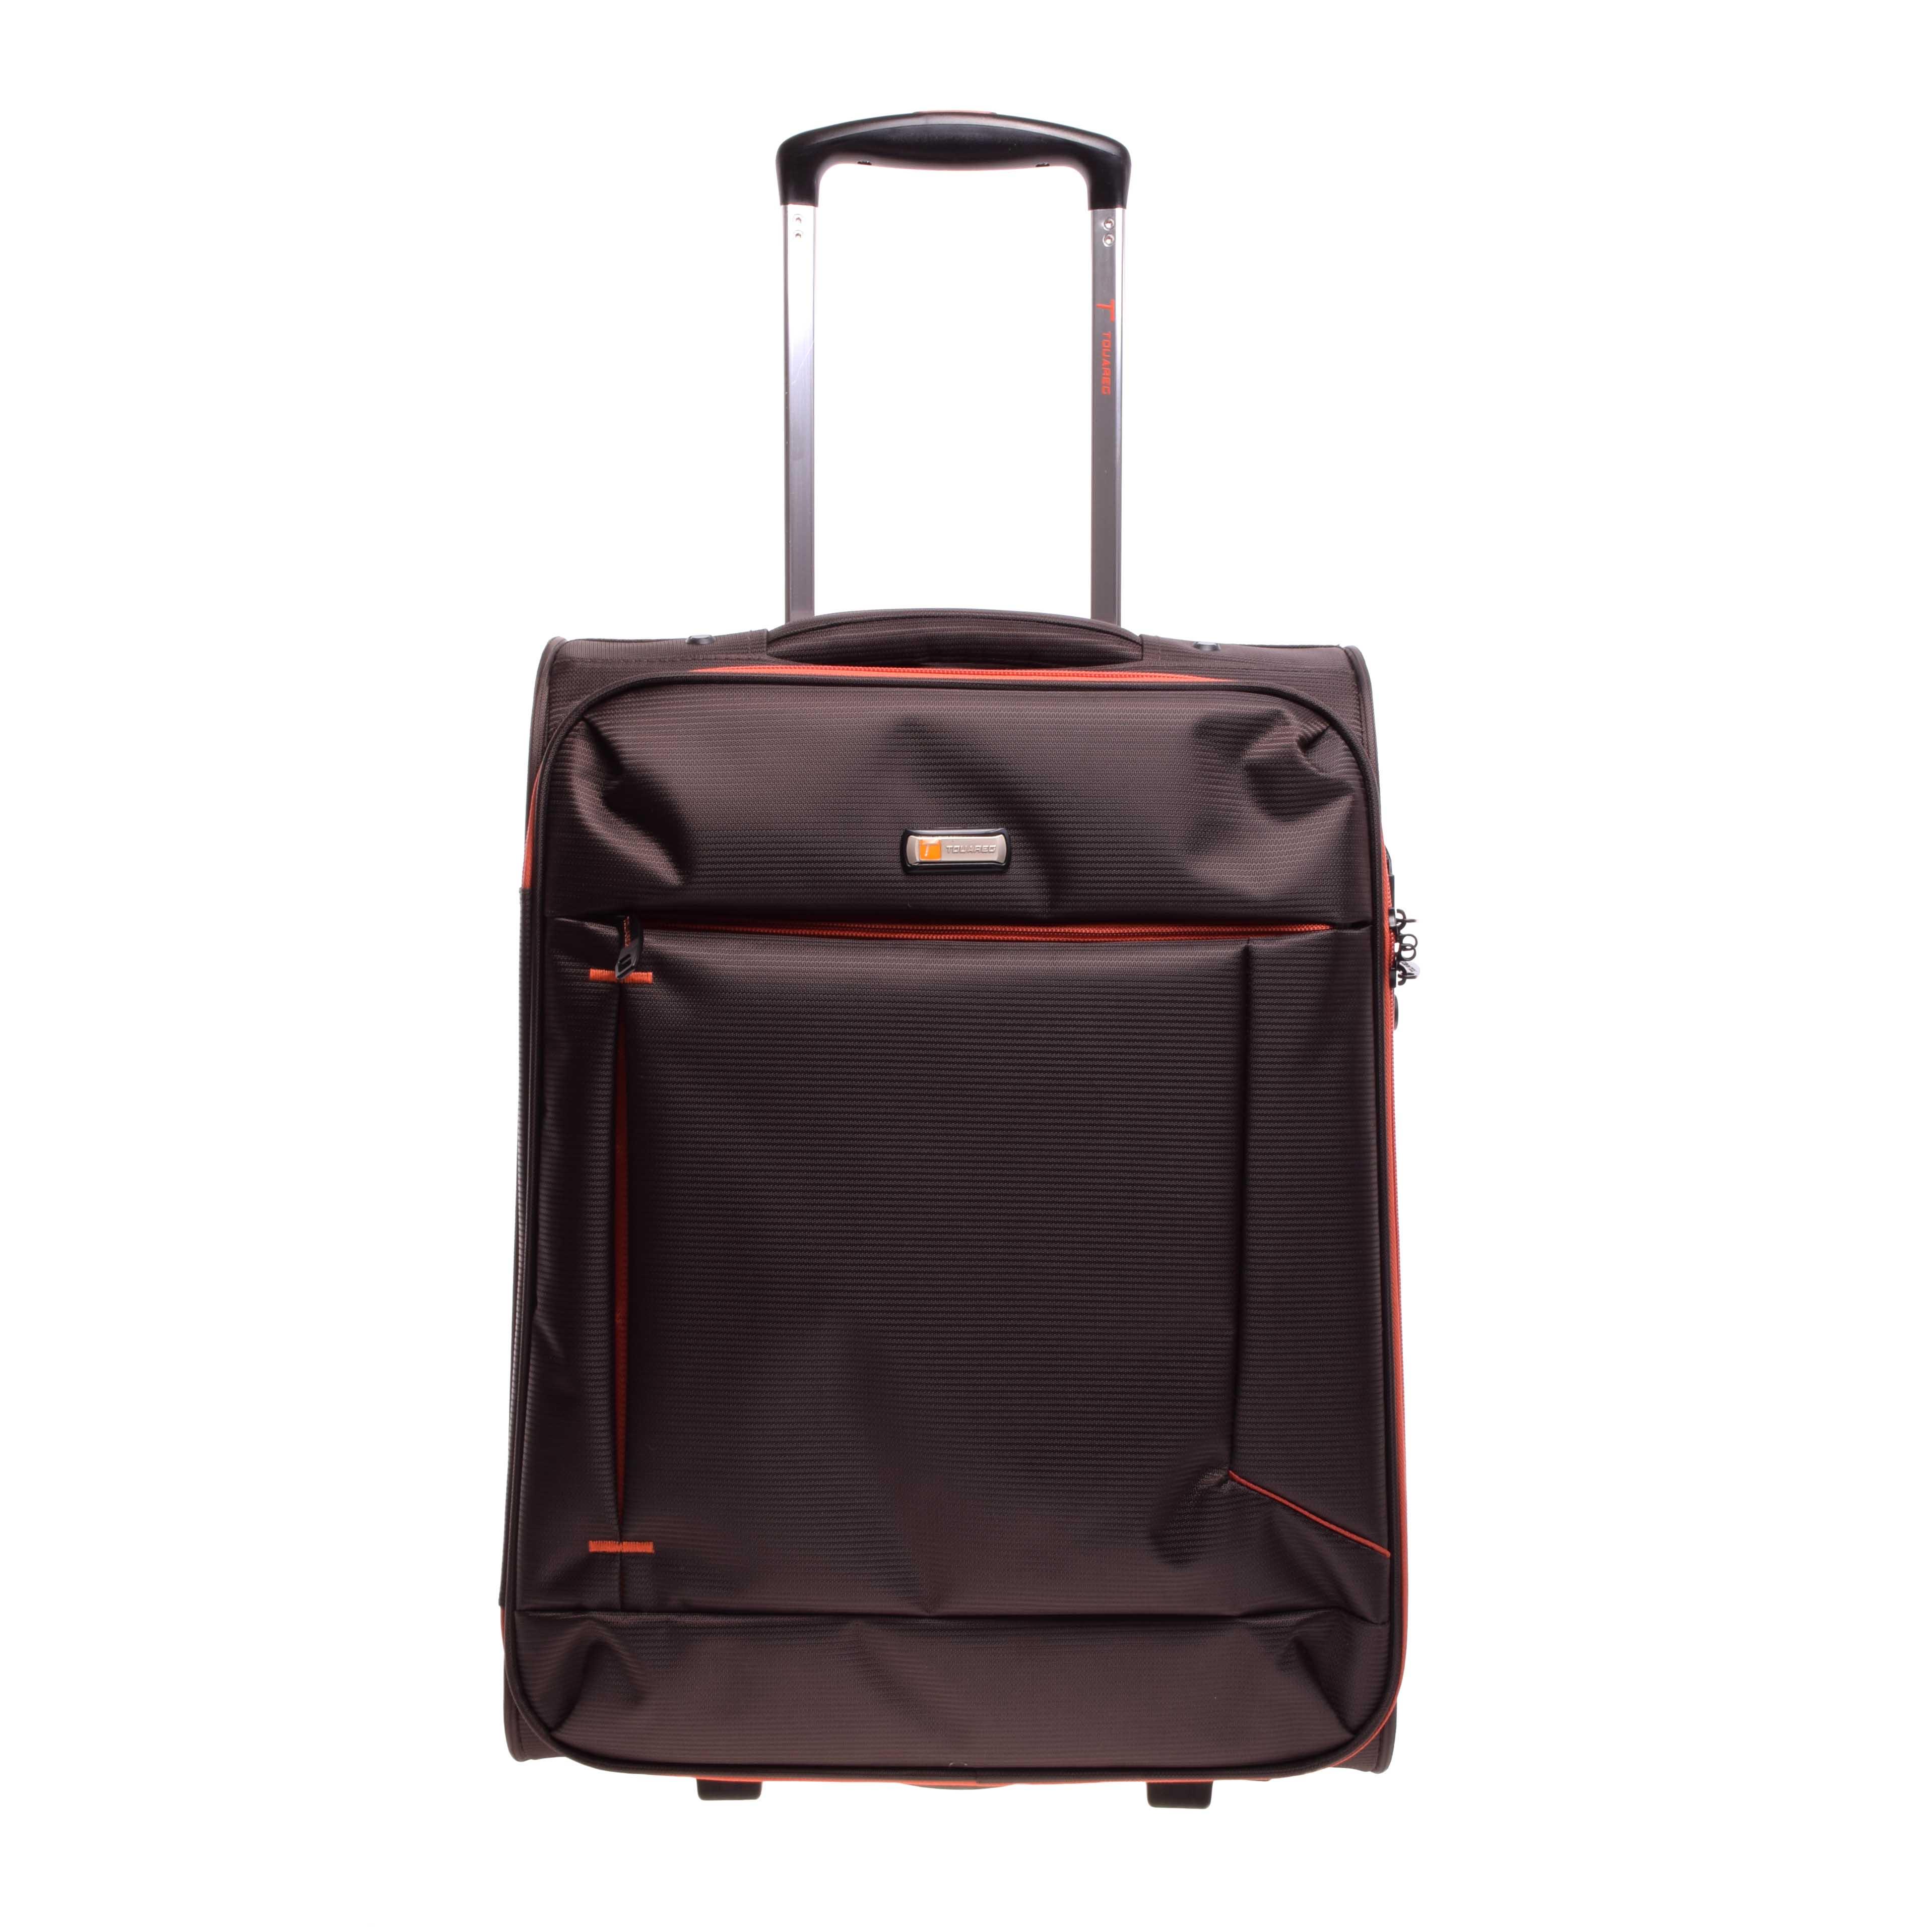 Touareg Nagy Méretű Bőrönd Kávé Szín - NAGY MÉRETŰ BŐRÖNDÖK - Táska  webáruház - Minőségi táskák mindenkinek 620eb5e6db